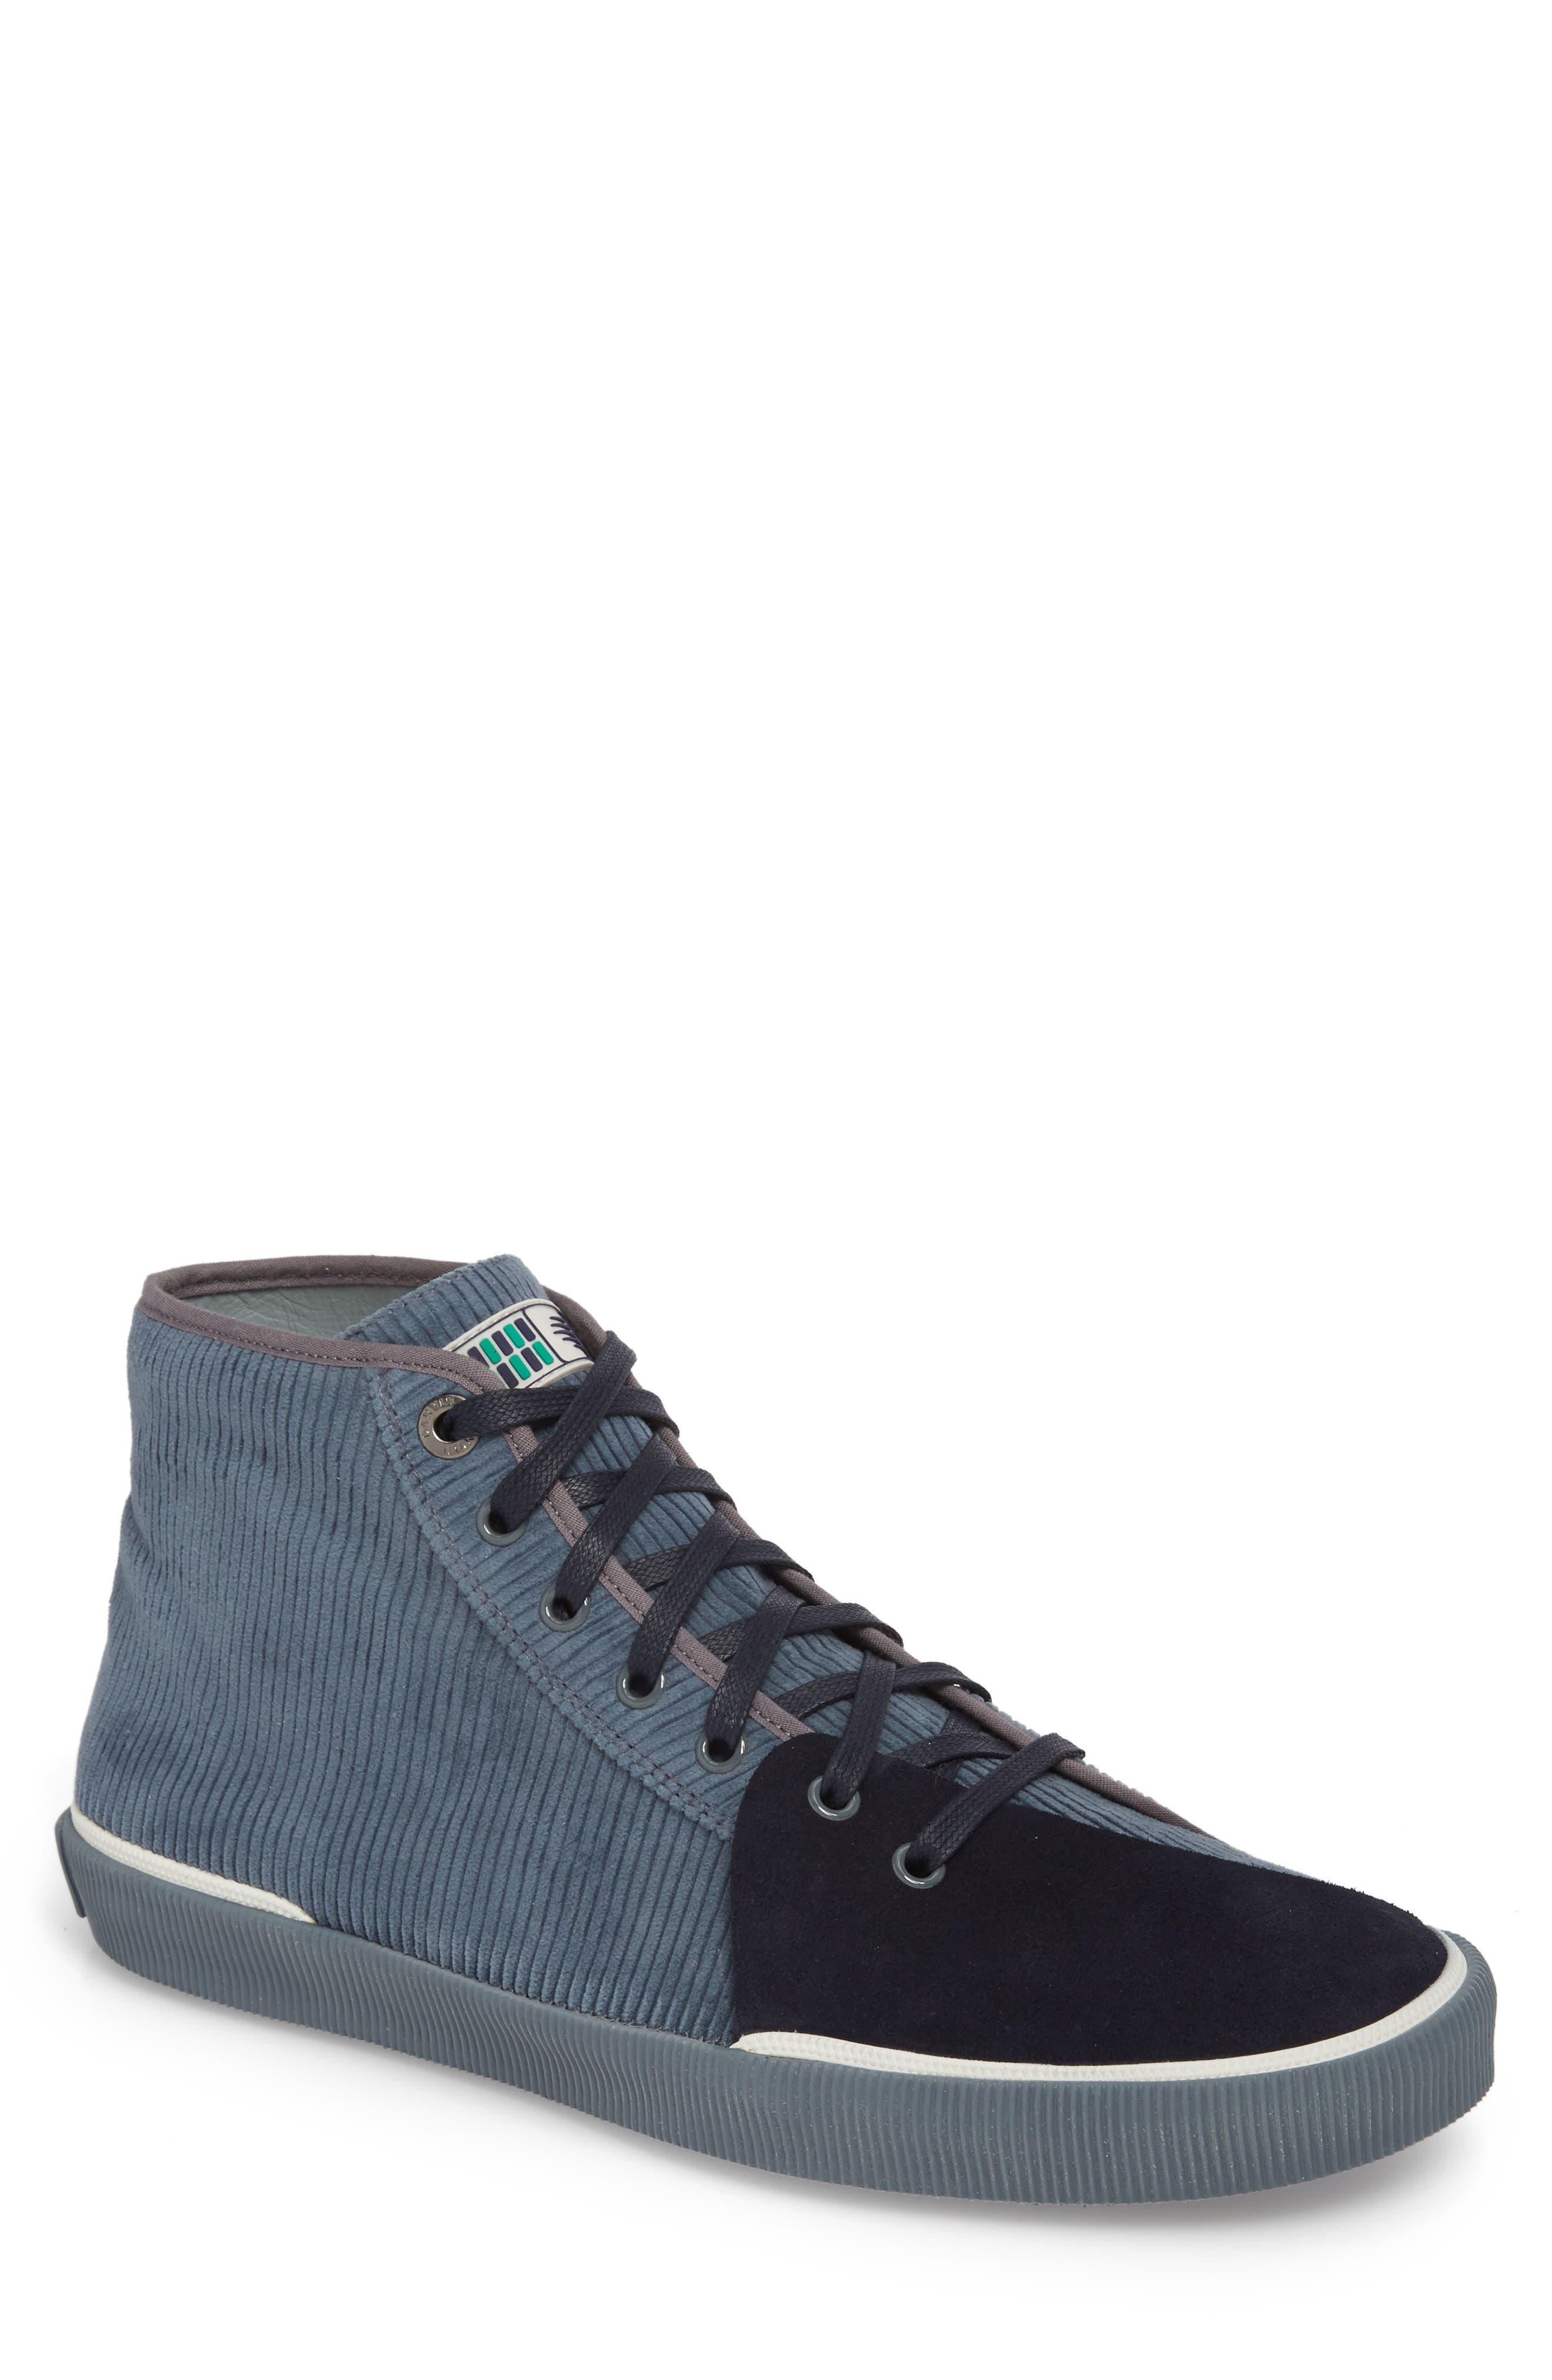 Lanvin Mid Top Sneaker (Men)